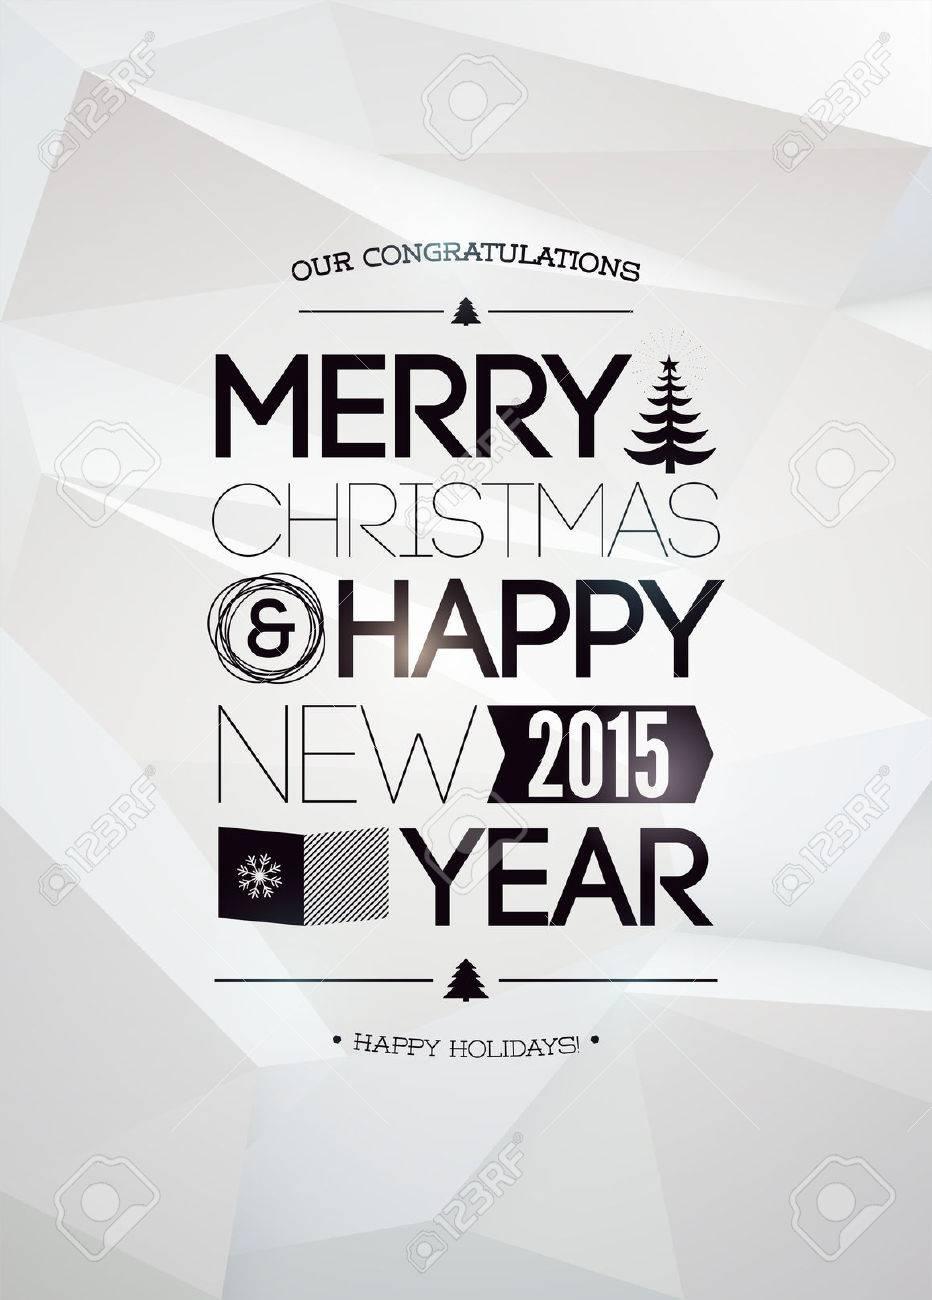 Frohe Weihnachten Und Ein Glückliches Neues Jahr Design. Lizenzfrei ...